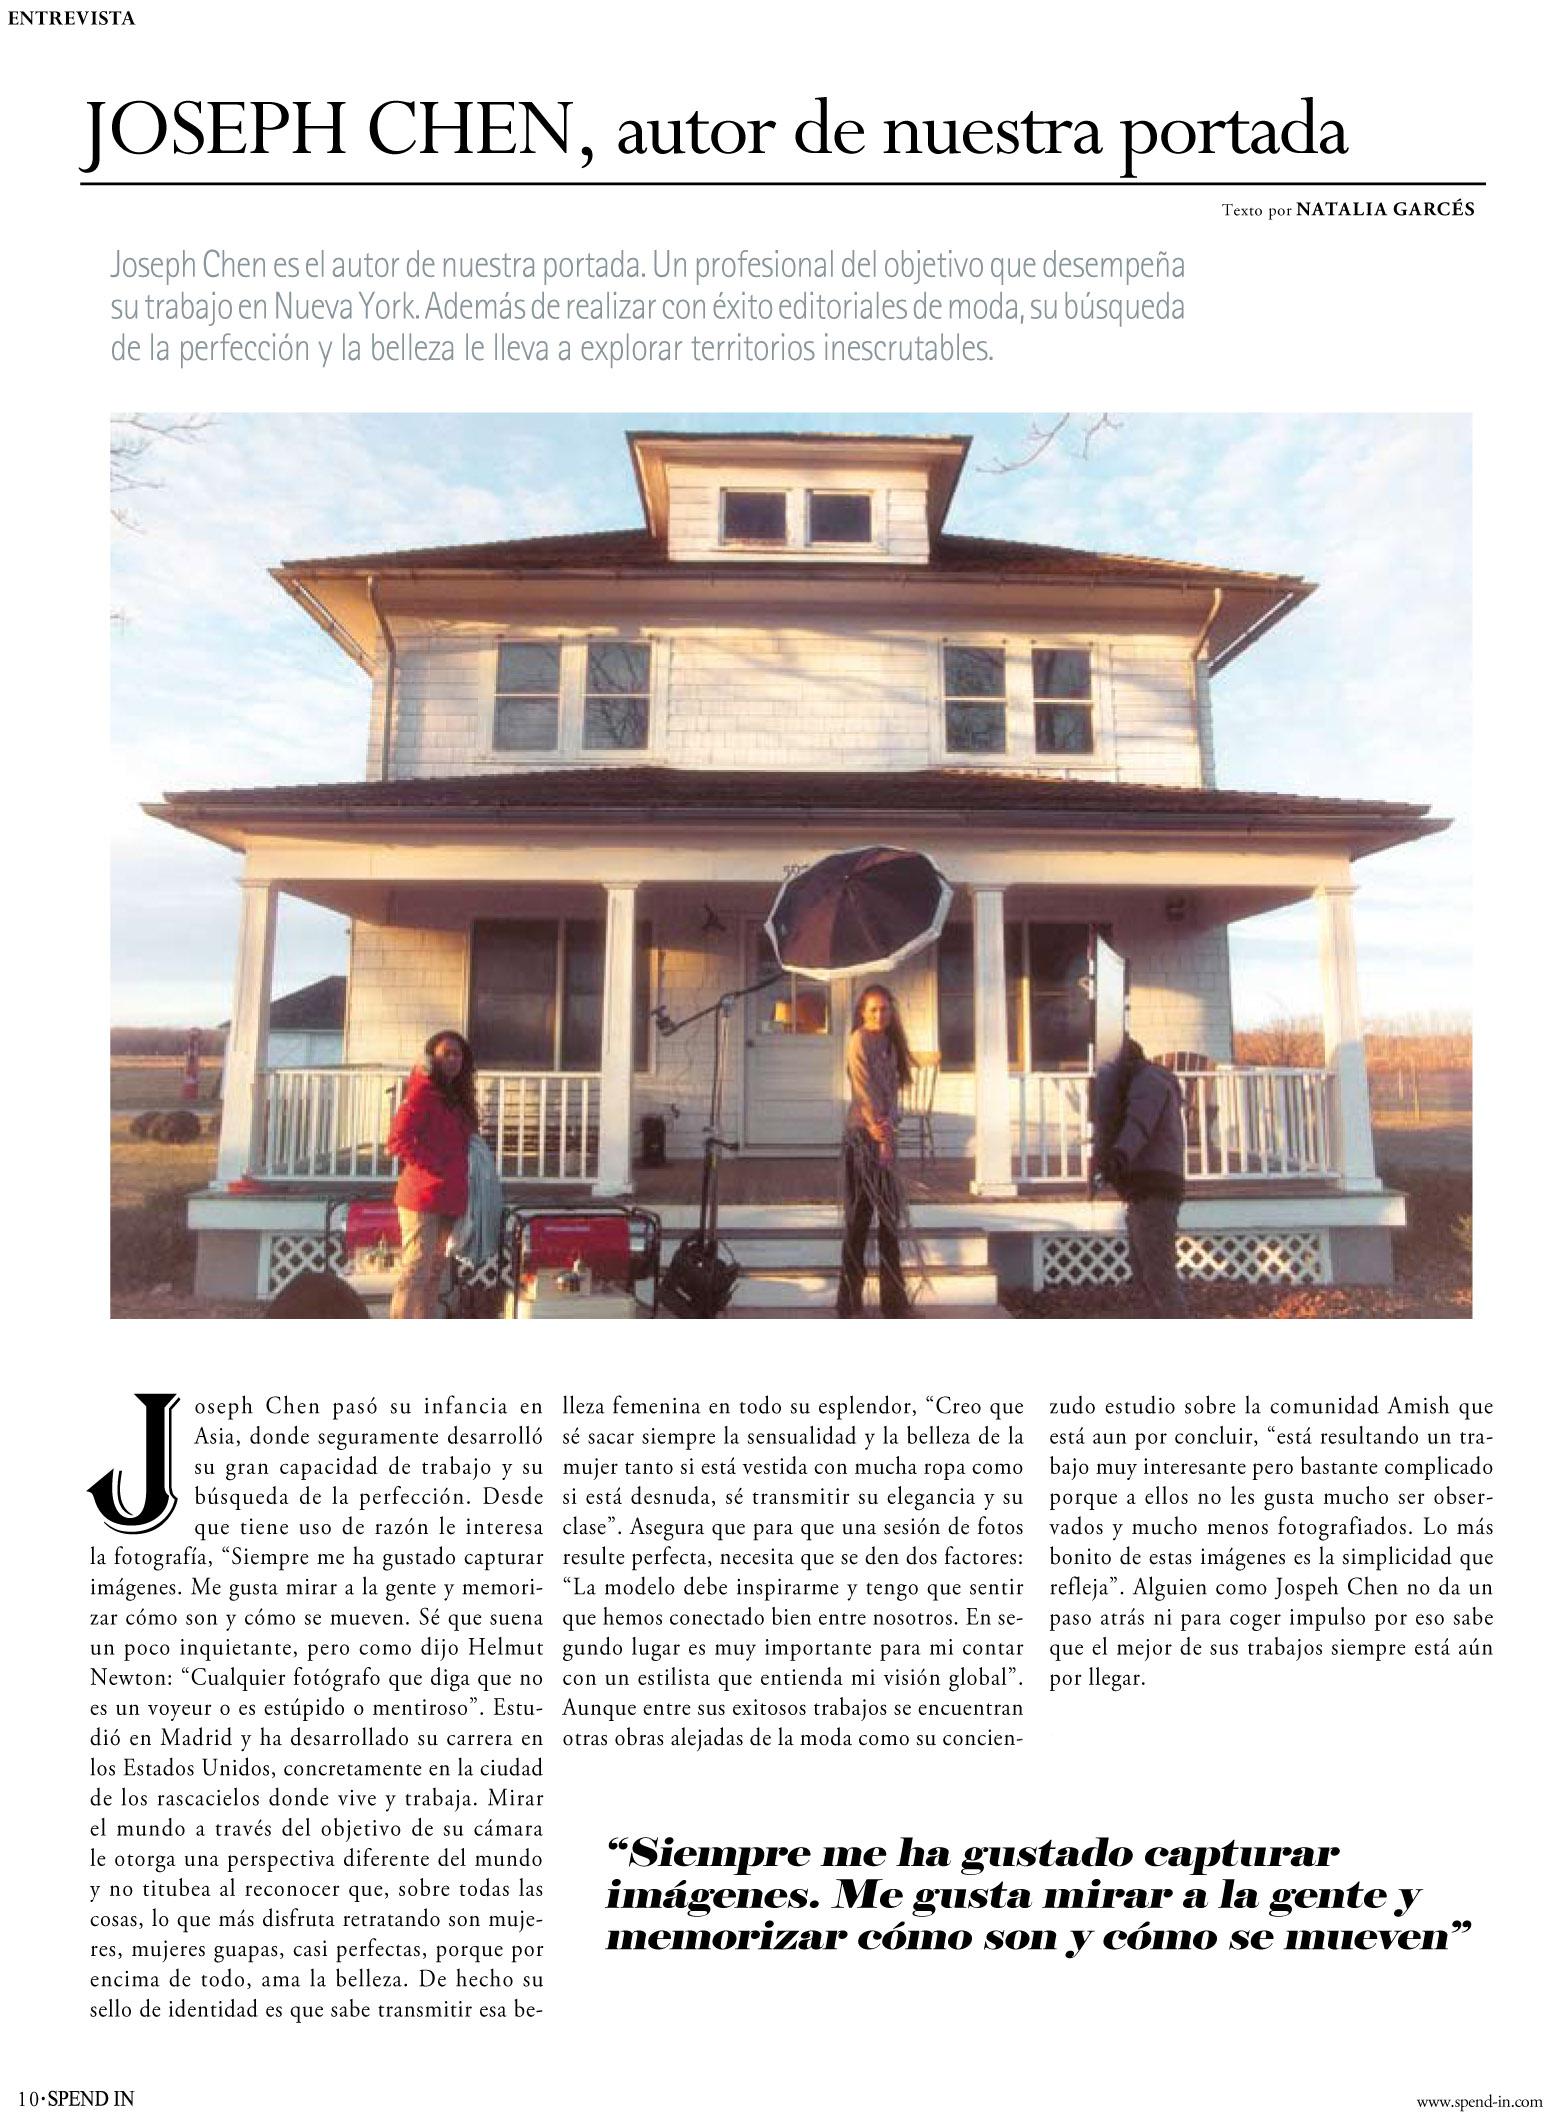 Spend In Magazine Interview